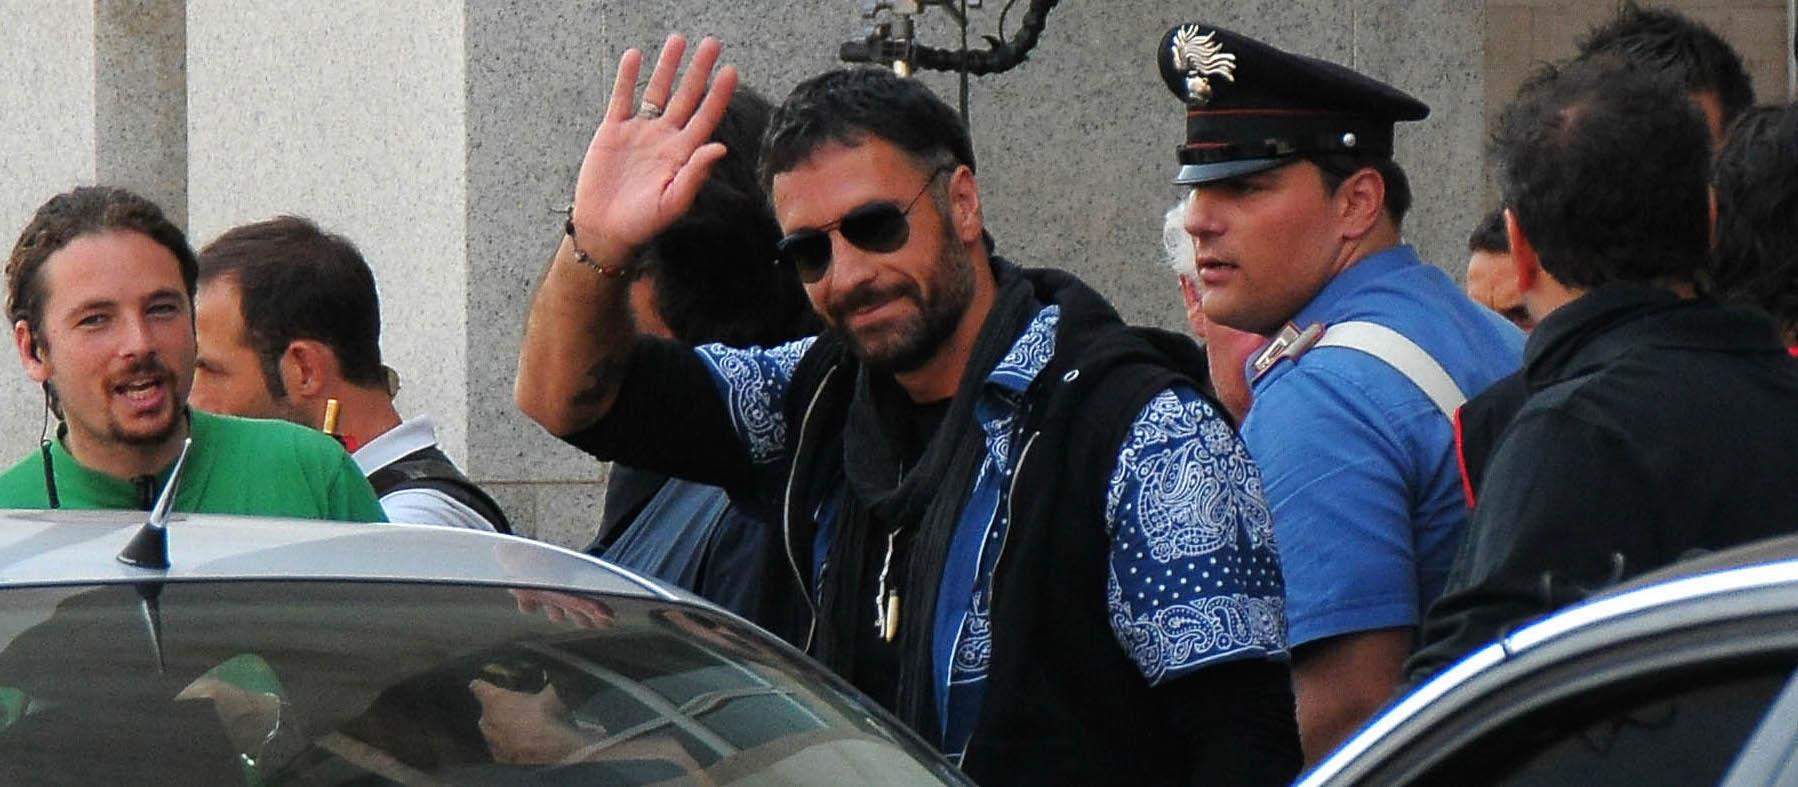 Raul Bova nel ruolo di Ultimo